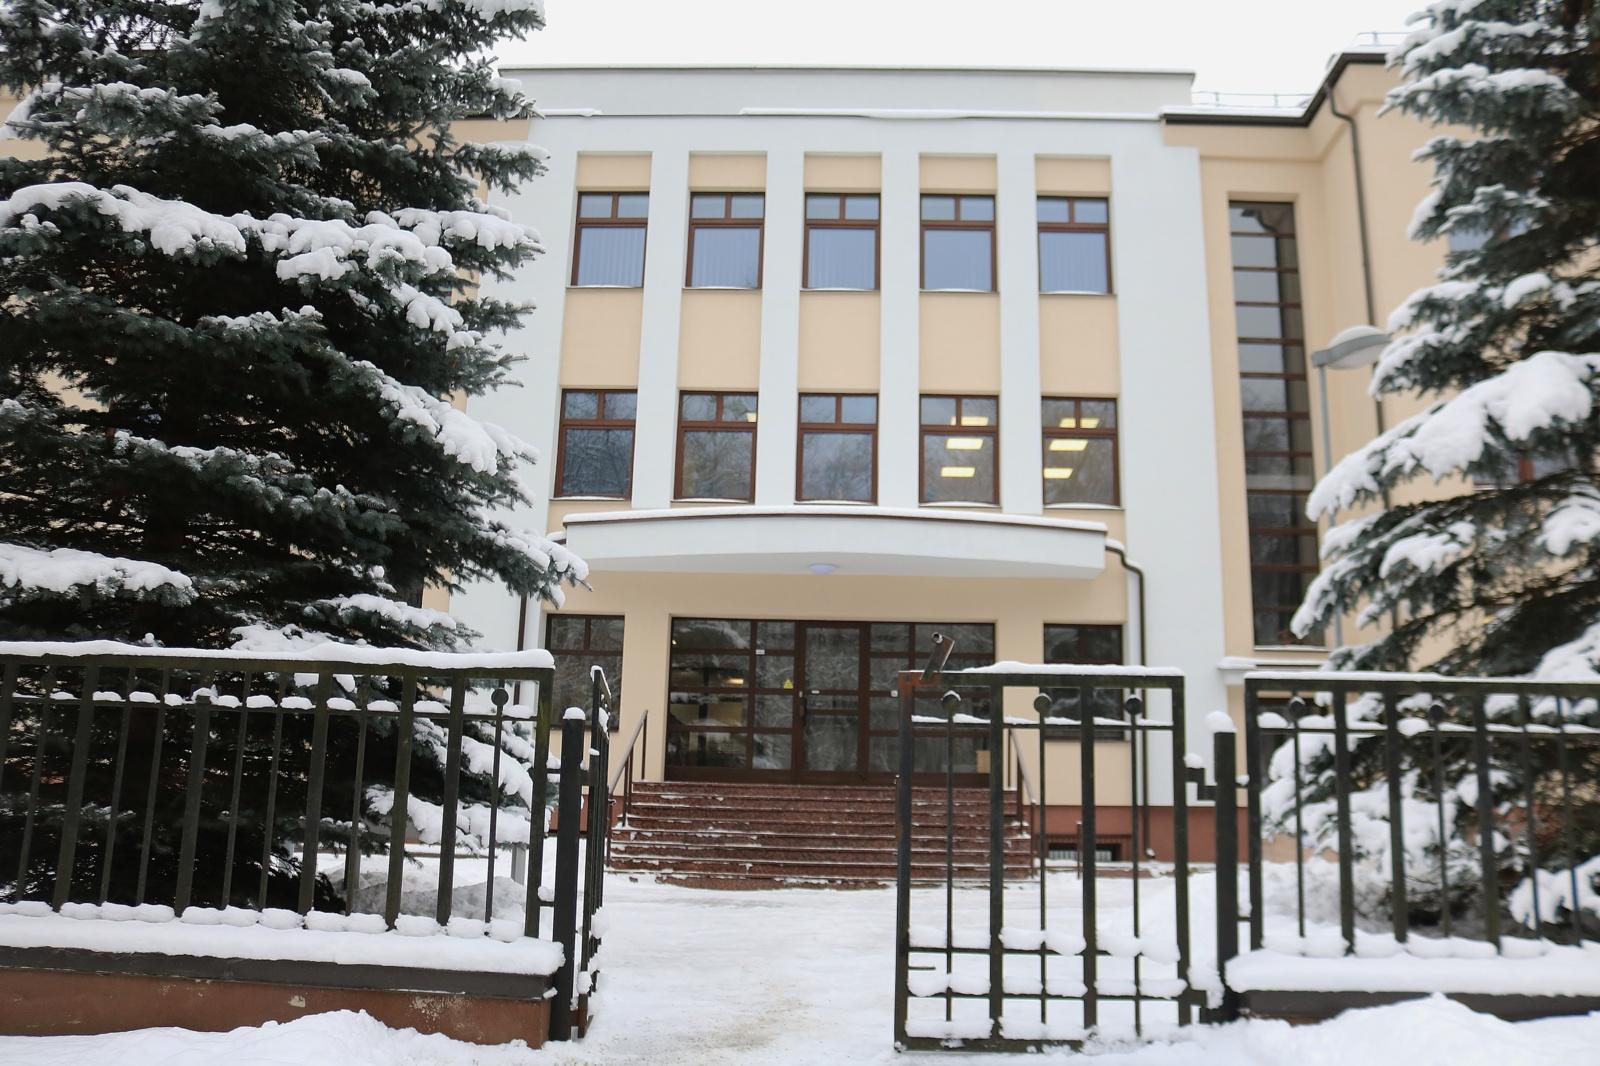 Teismui perduota byla dėl neskaidriai organizuotų viešųjų pirkimų remontuoti kelius